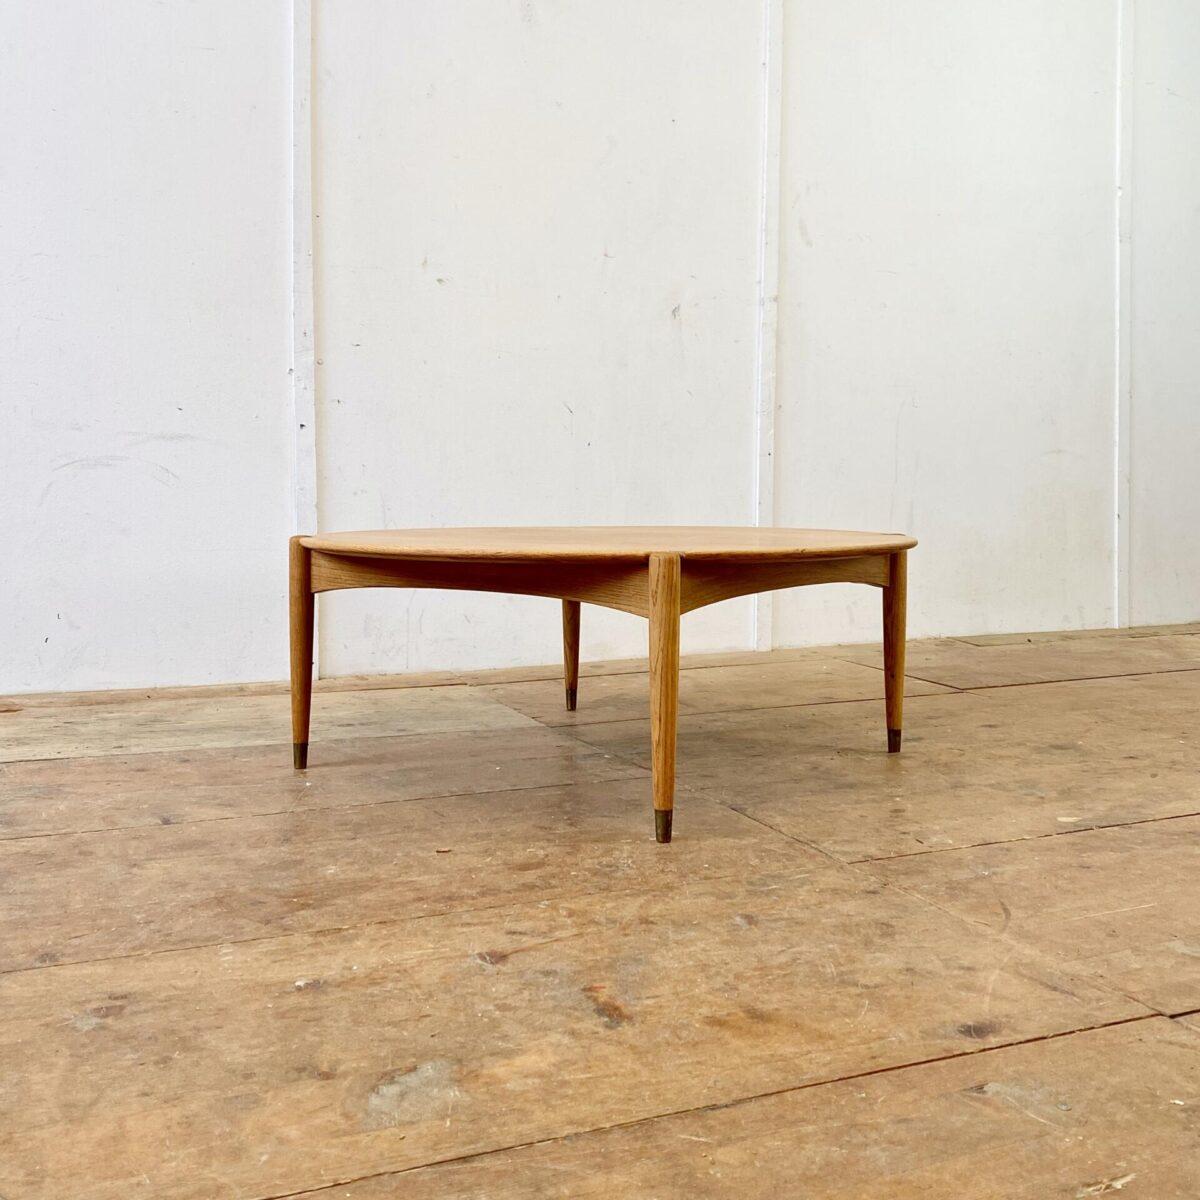 Deuxieme.shop coffetable. Midcentury Teak Salontisch. Durchmesser 102cm Höhe 38.5cm. Der Couchtisch ist in gepflegtem guten Zustand, die runden konischen Beine haben Kleine Messing Füsse.